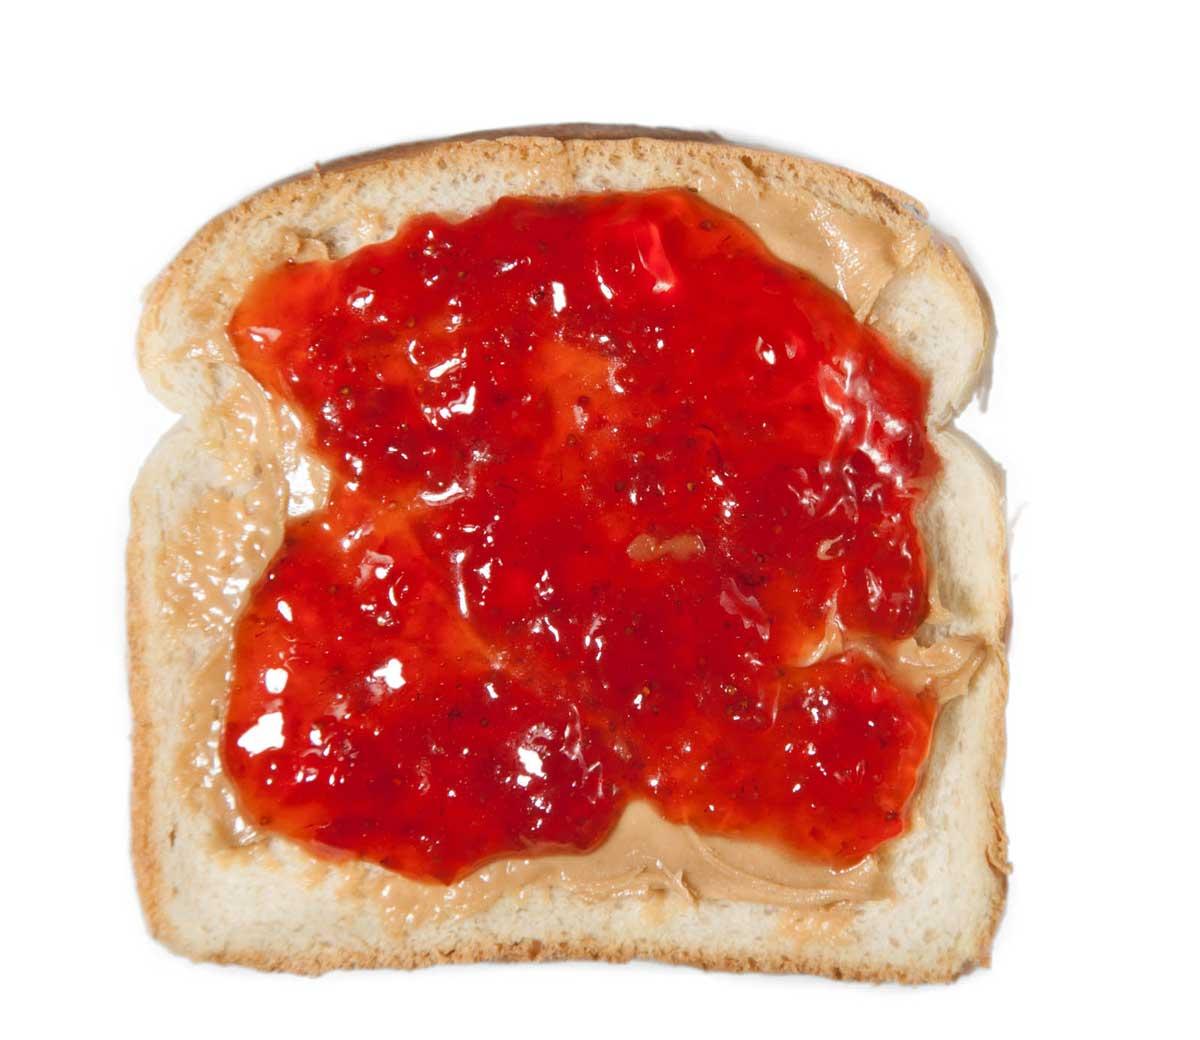 PeanutButterAndJellySandwich